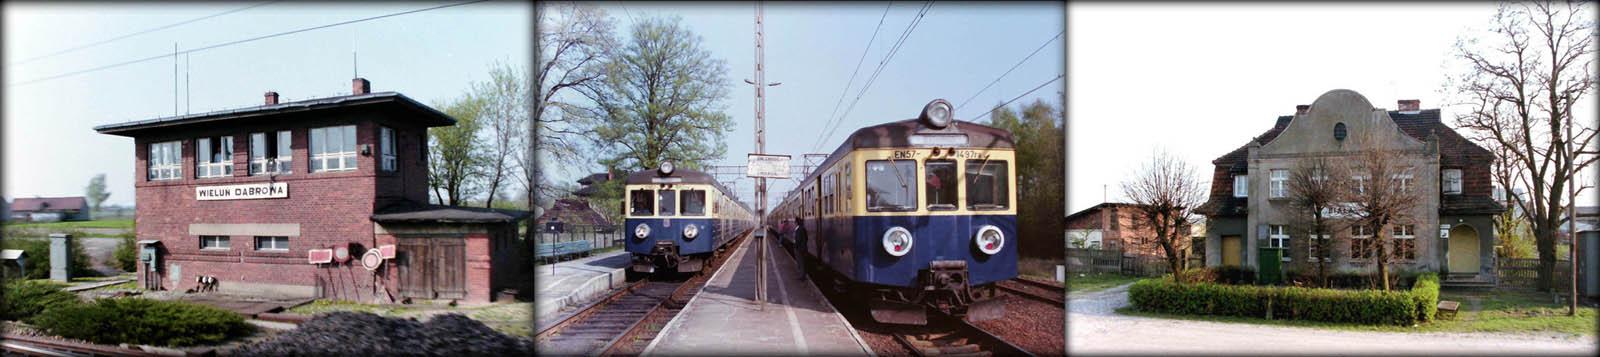 Wieluń Dąbrowa, Czastary, Biała w dniu 26.04.1993.